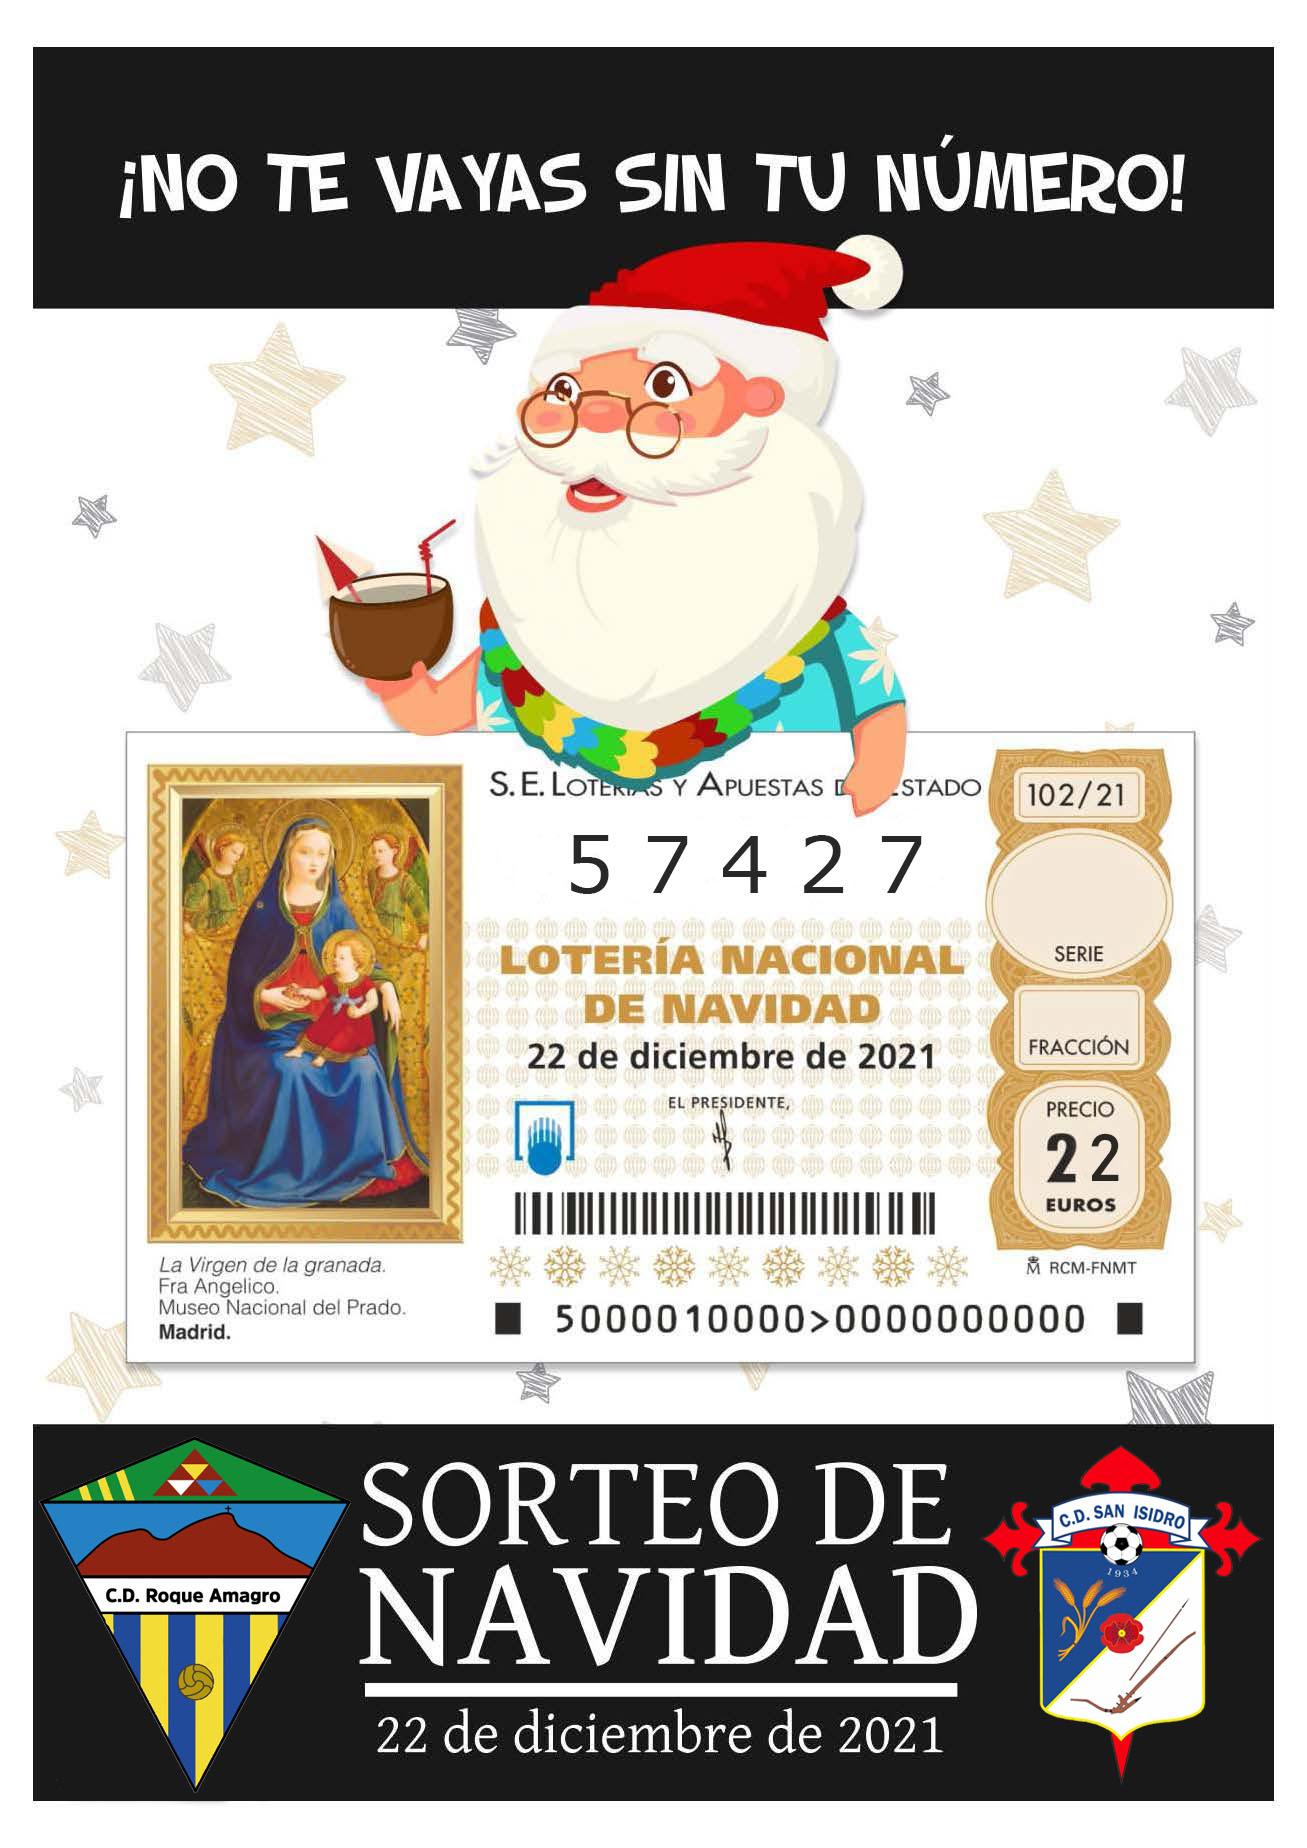 ¡Esta Año Toca! - Sorteo de Navidad 57427 - ¡Este Año Toca!